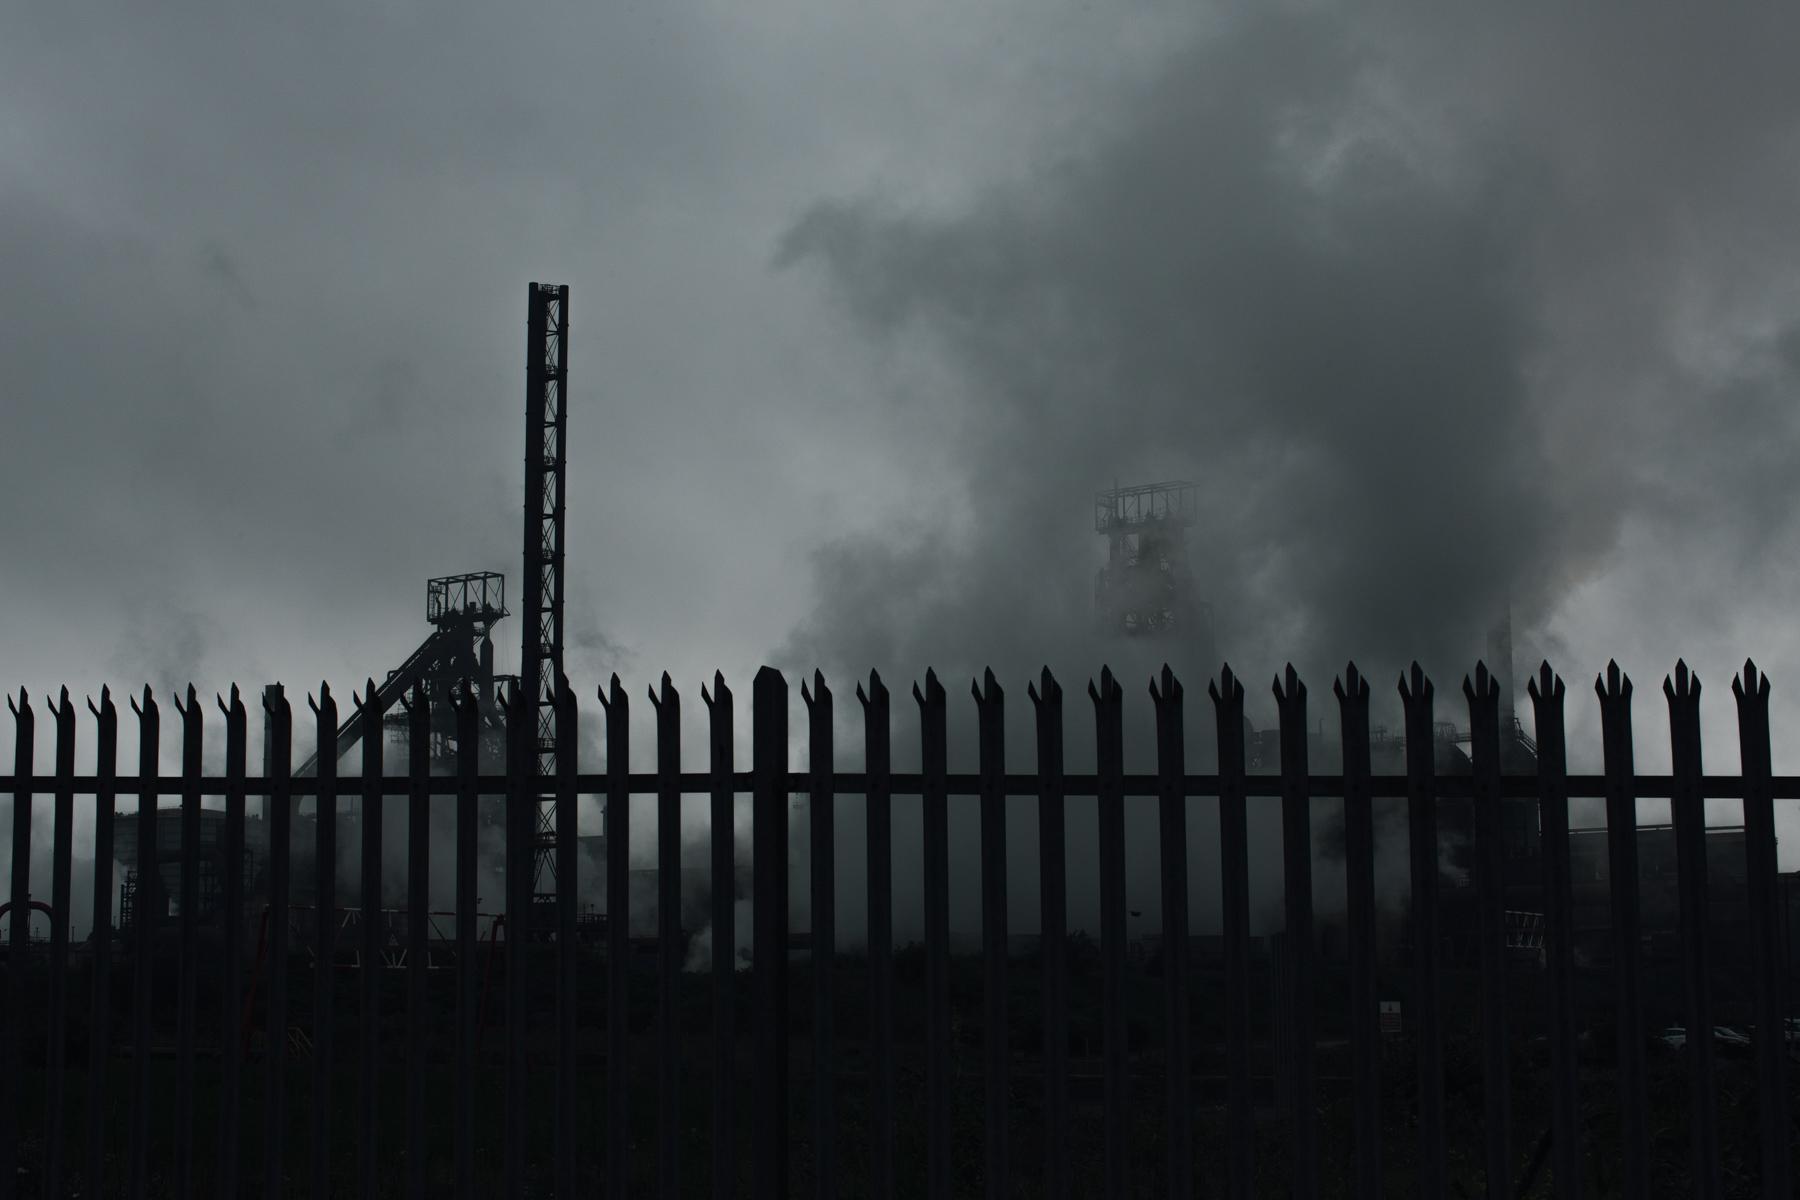 Port Talbot's TATA steel plant.